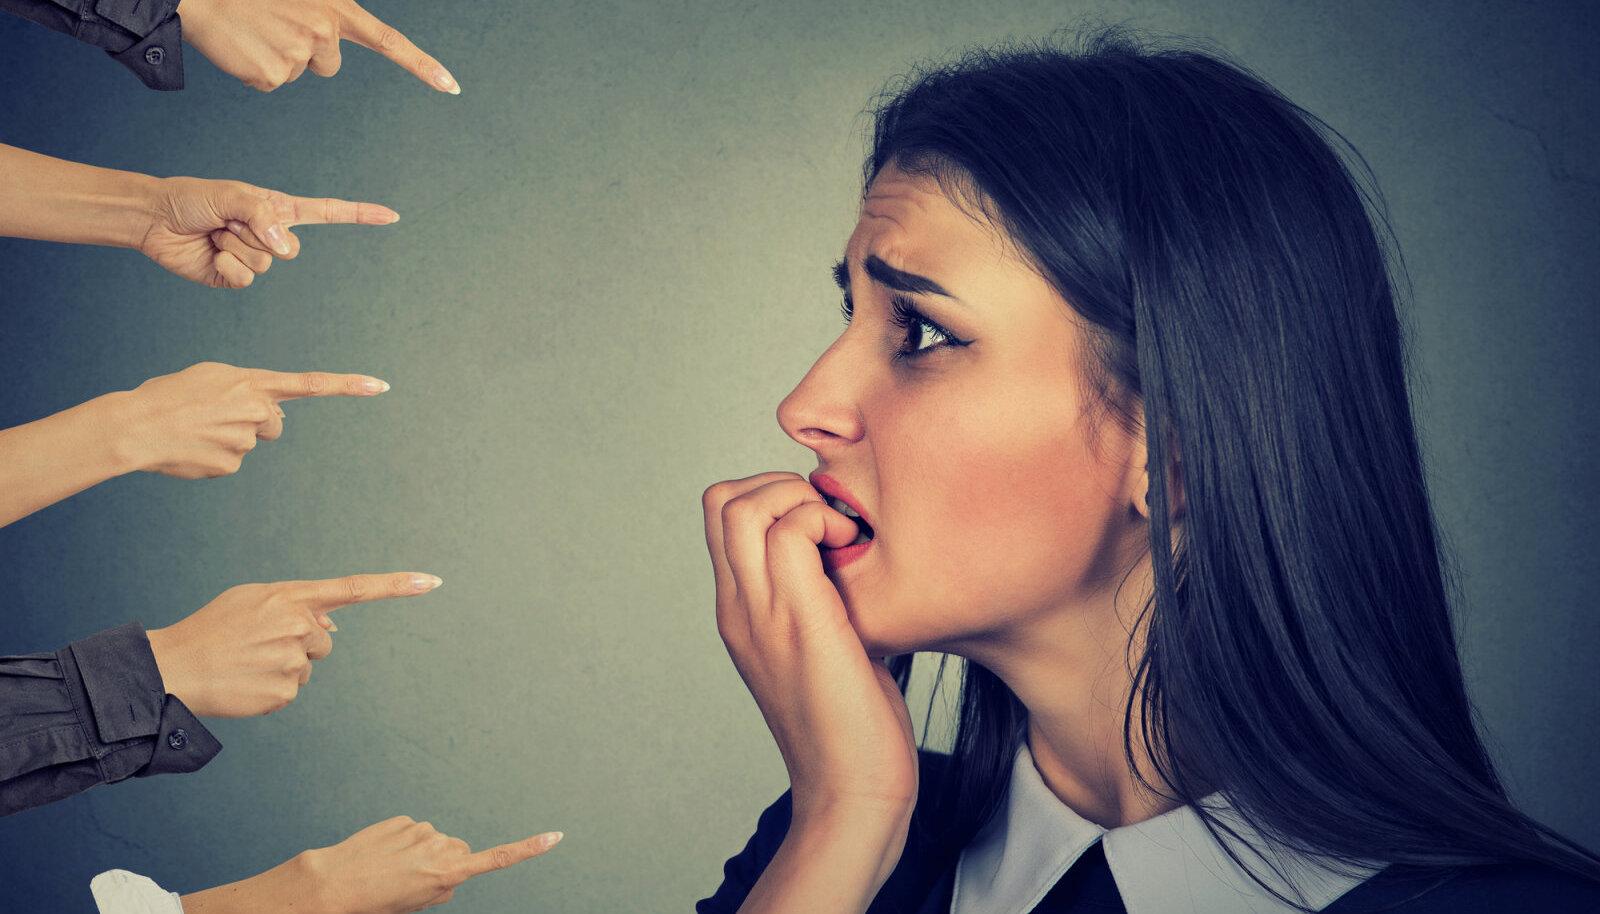 Terapeutide kogemus ütleb, et ärevushäirega inimeste puhul on esikohal hirm vigu teha ja ebaõnnestuda